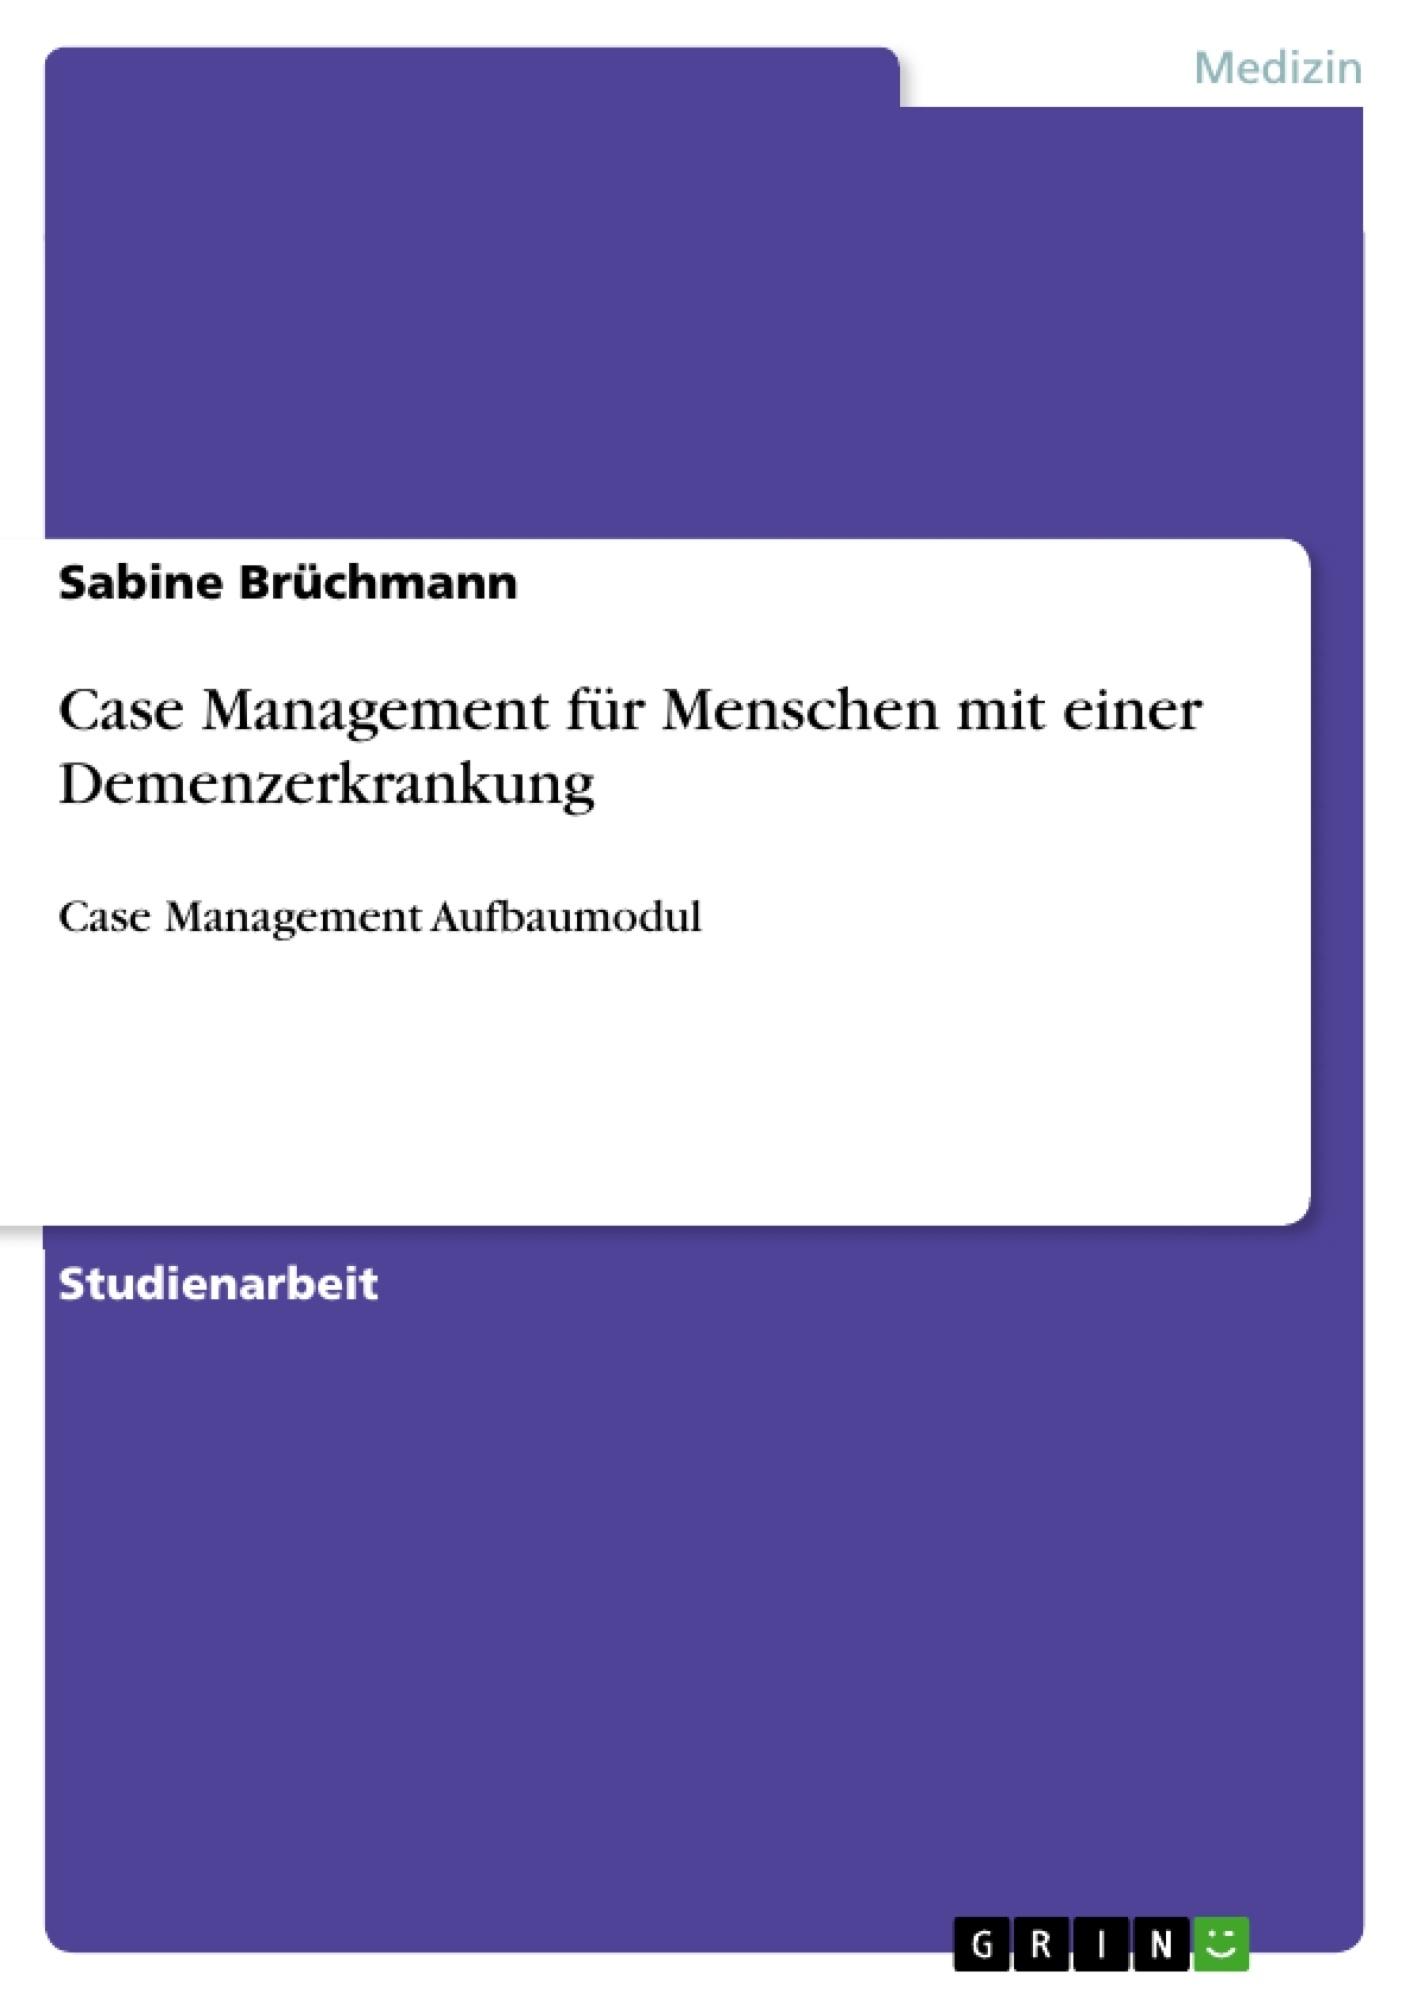 Titel: Case Management für Menschen mit einer Demenzerkrankung